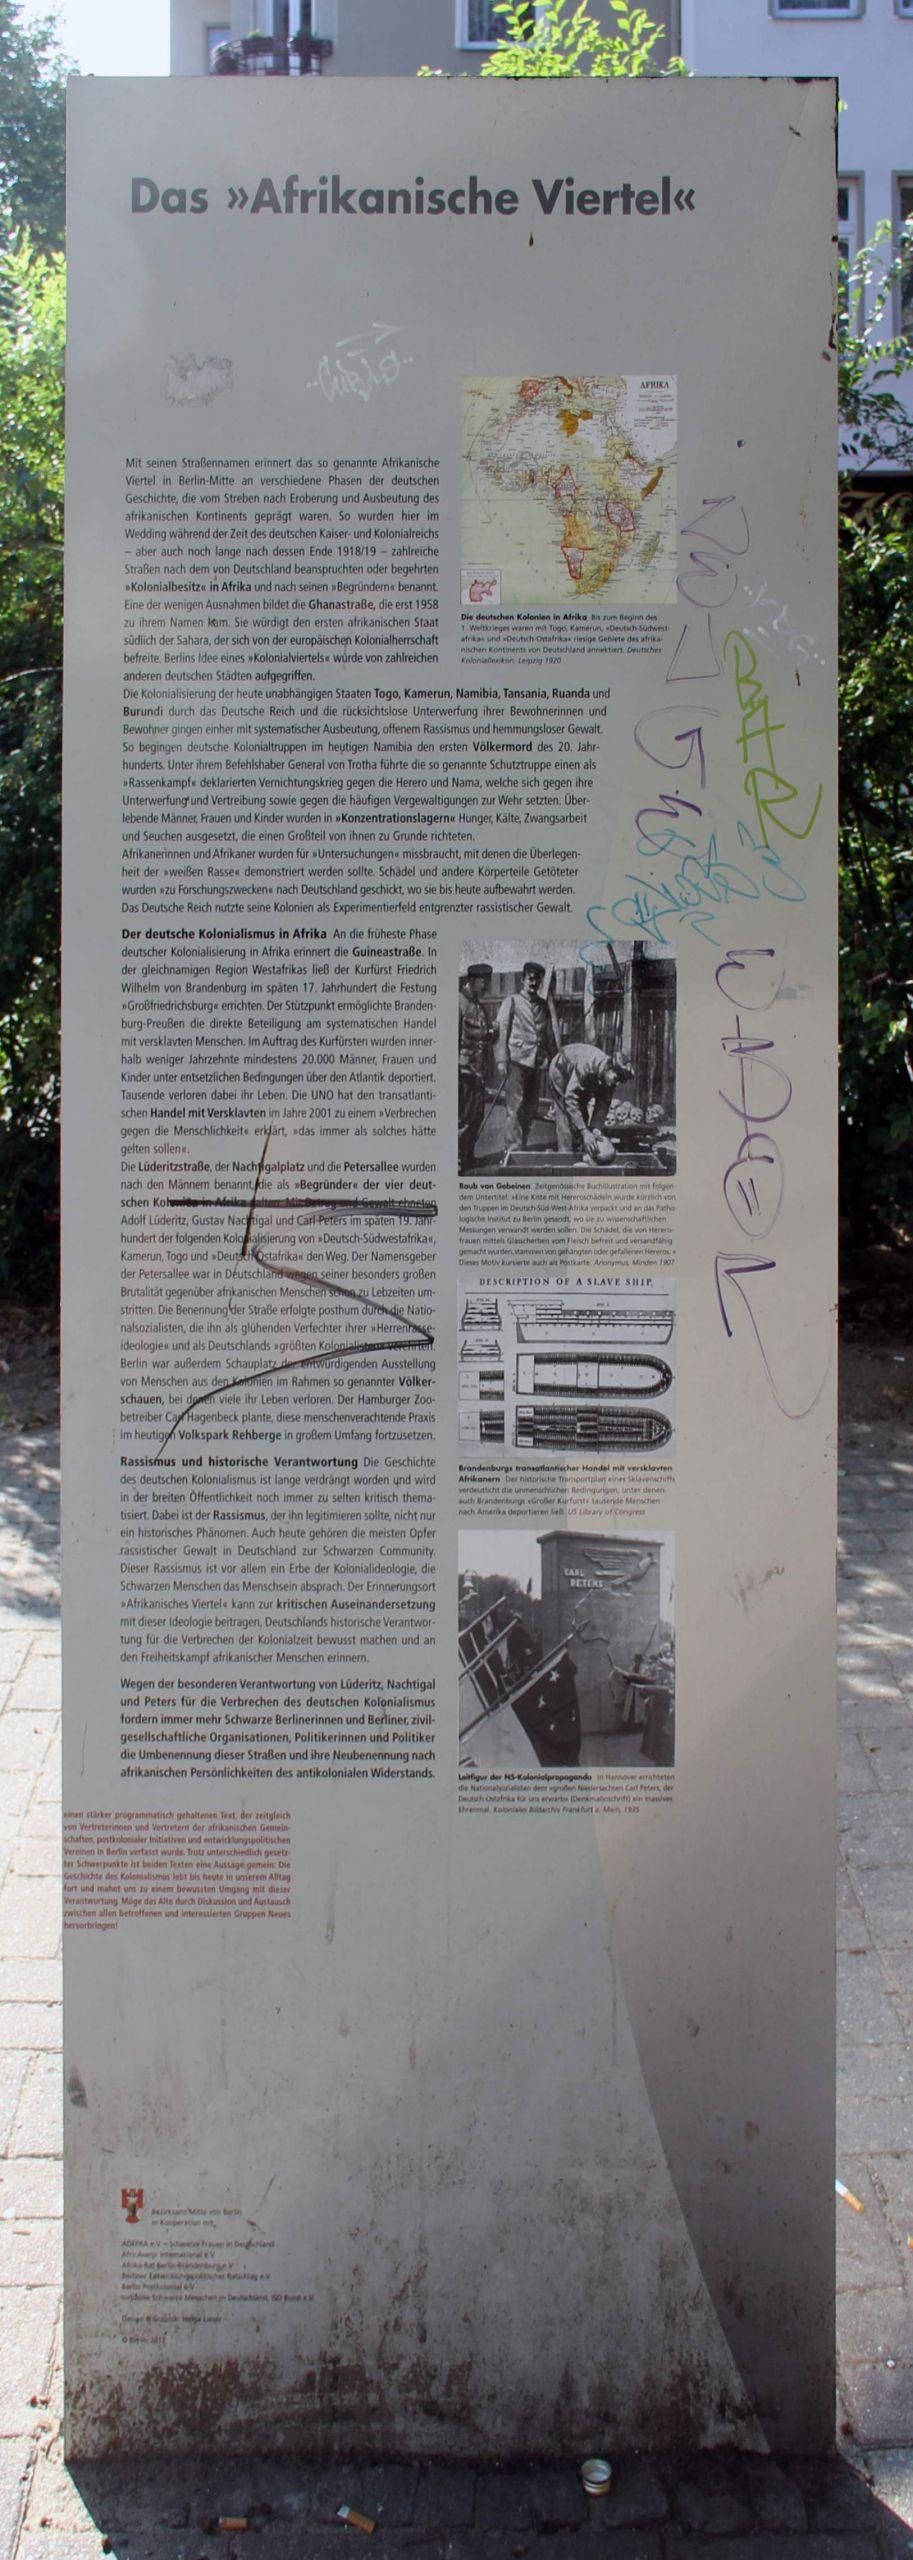 Gedenktafel Otawistr 2 Weddi Afrikanisches Viertel2